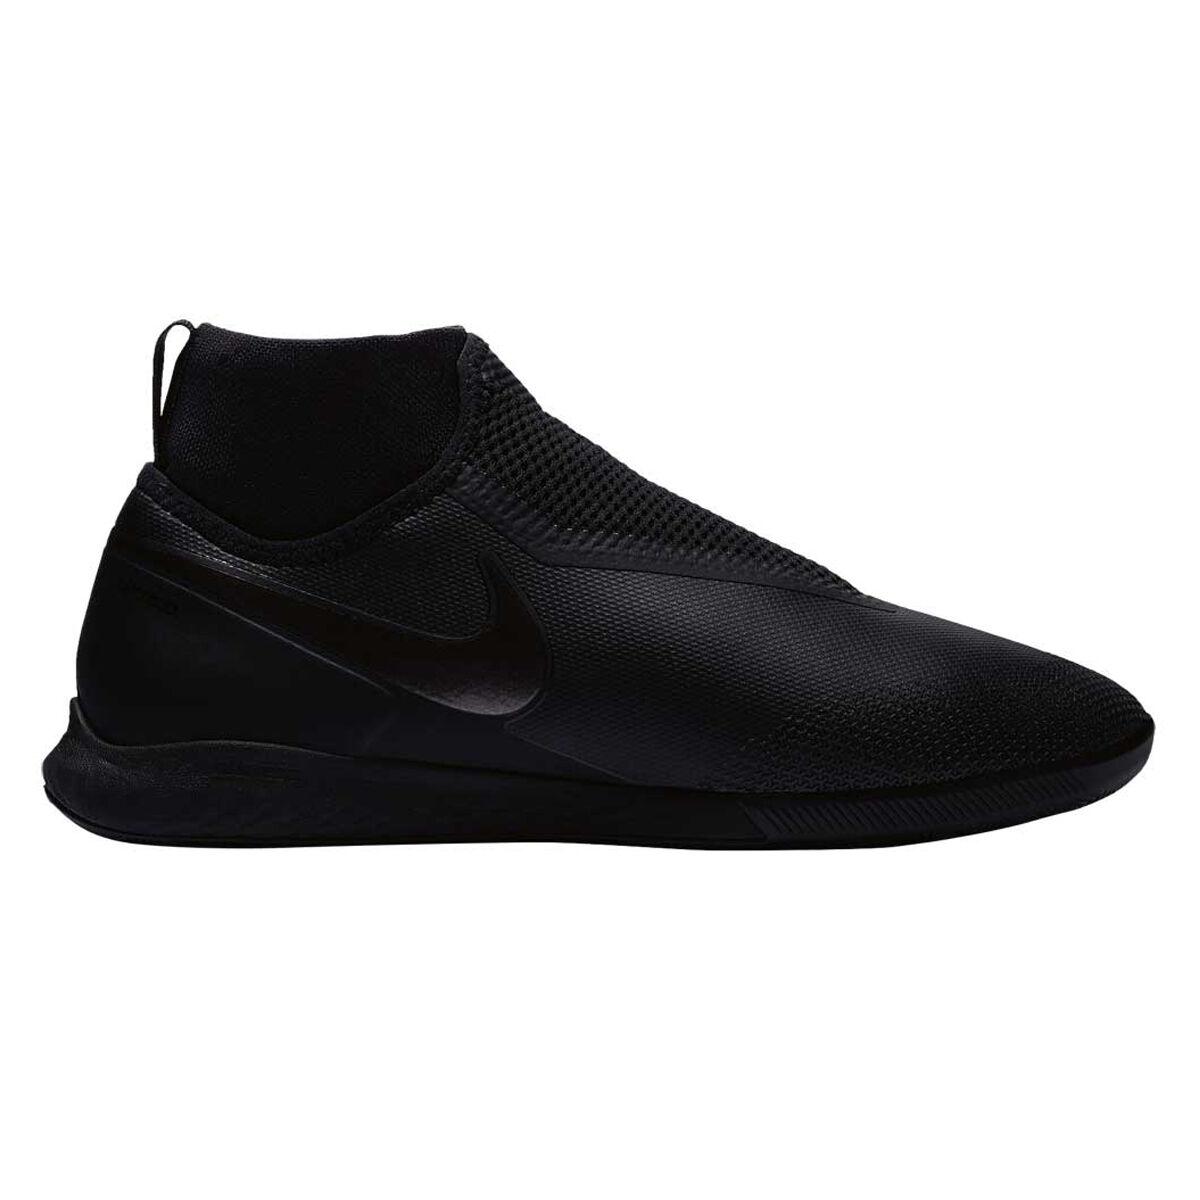 Nike phantom vision pro react mens indoor soccer shoes rebel hi res jpg  1000x1000 Nike dancing 168d93d62